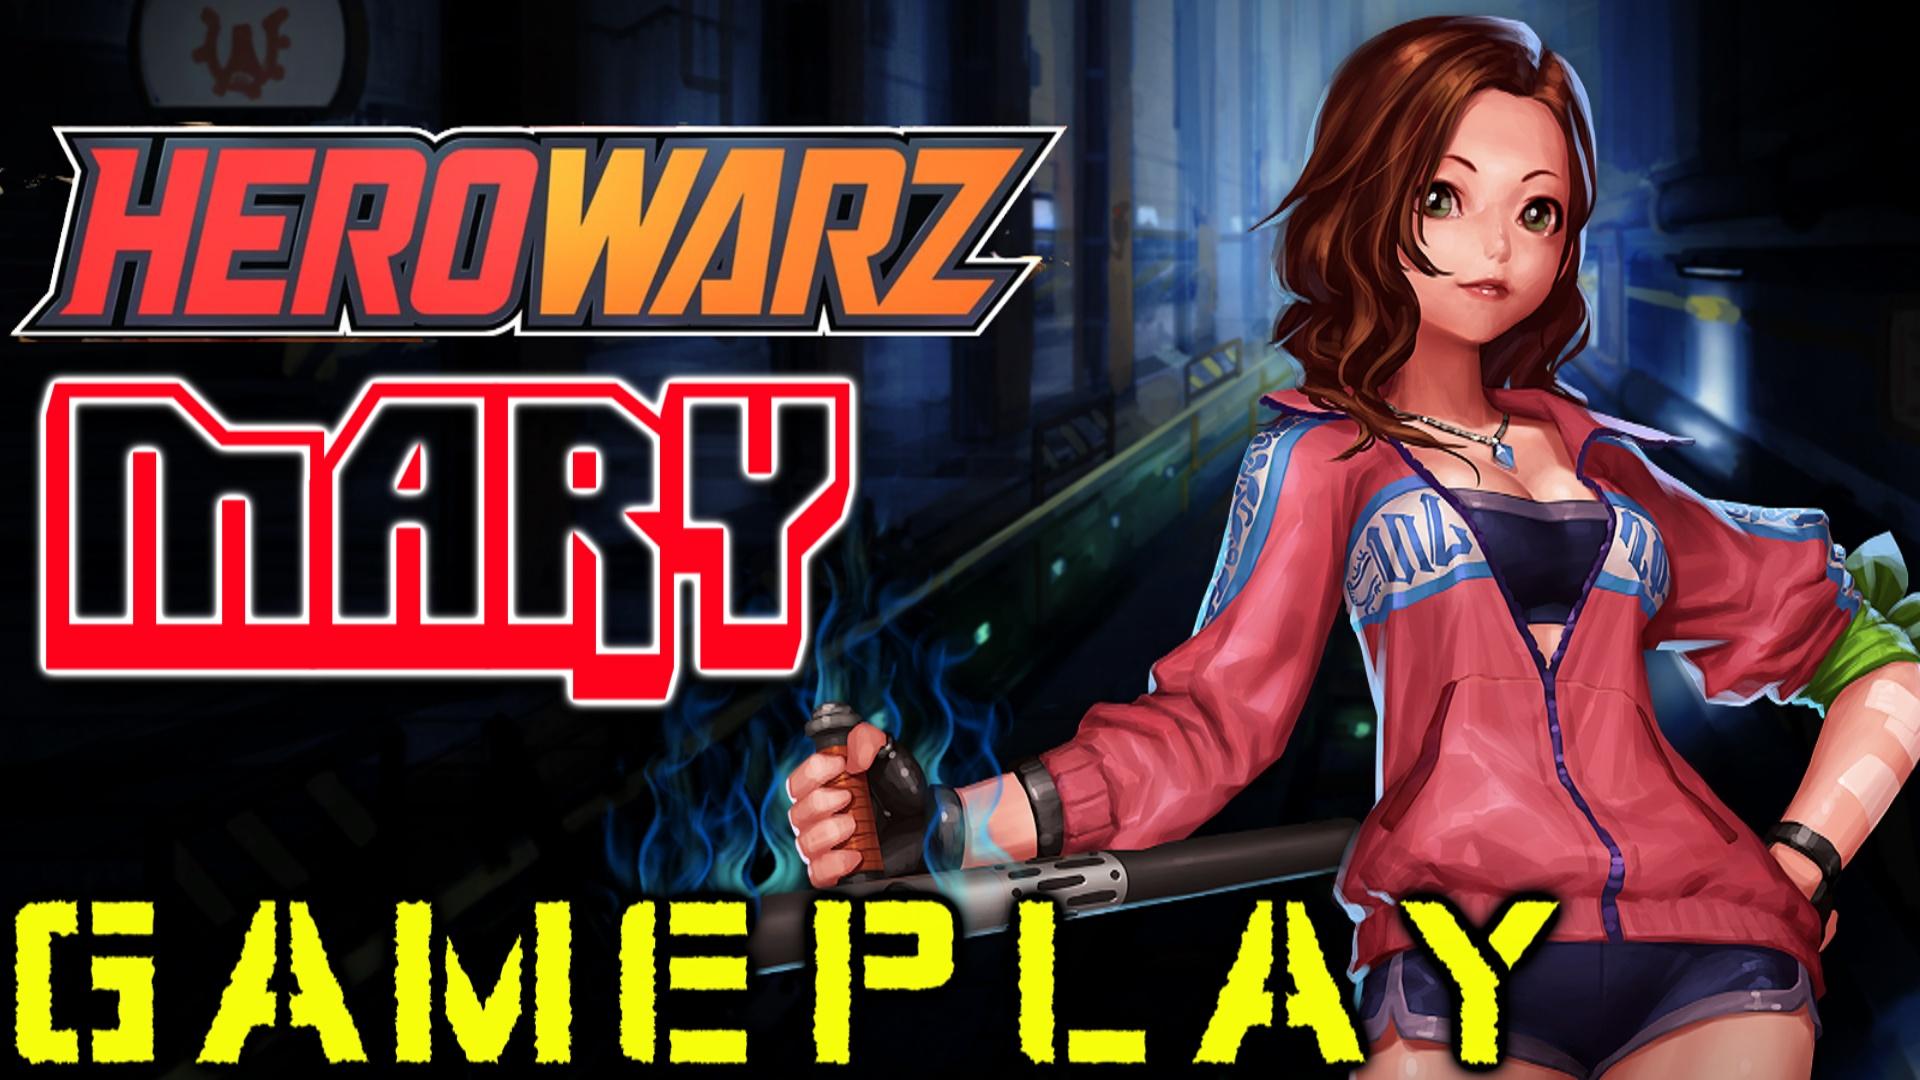 HeroWarz - Closed Beta 2 Mary Gameplay